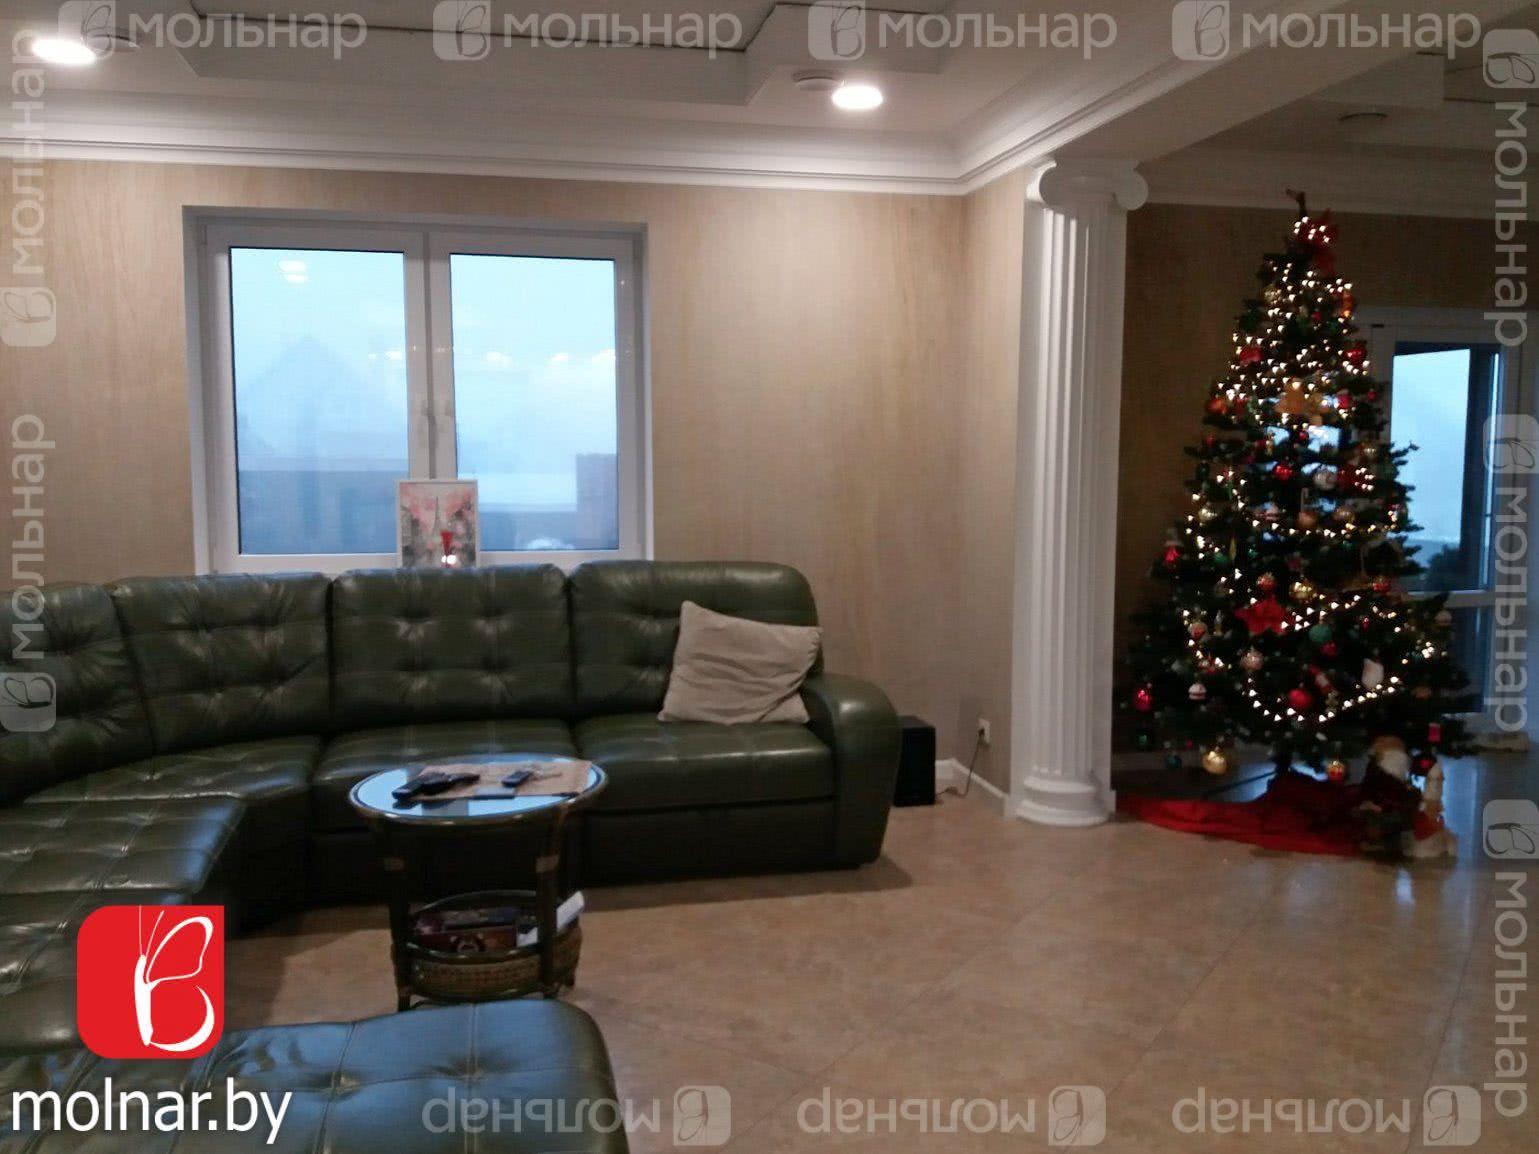 Продать 2-этажный дом в Слободе, Минская область, - фото 5